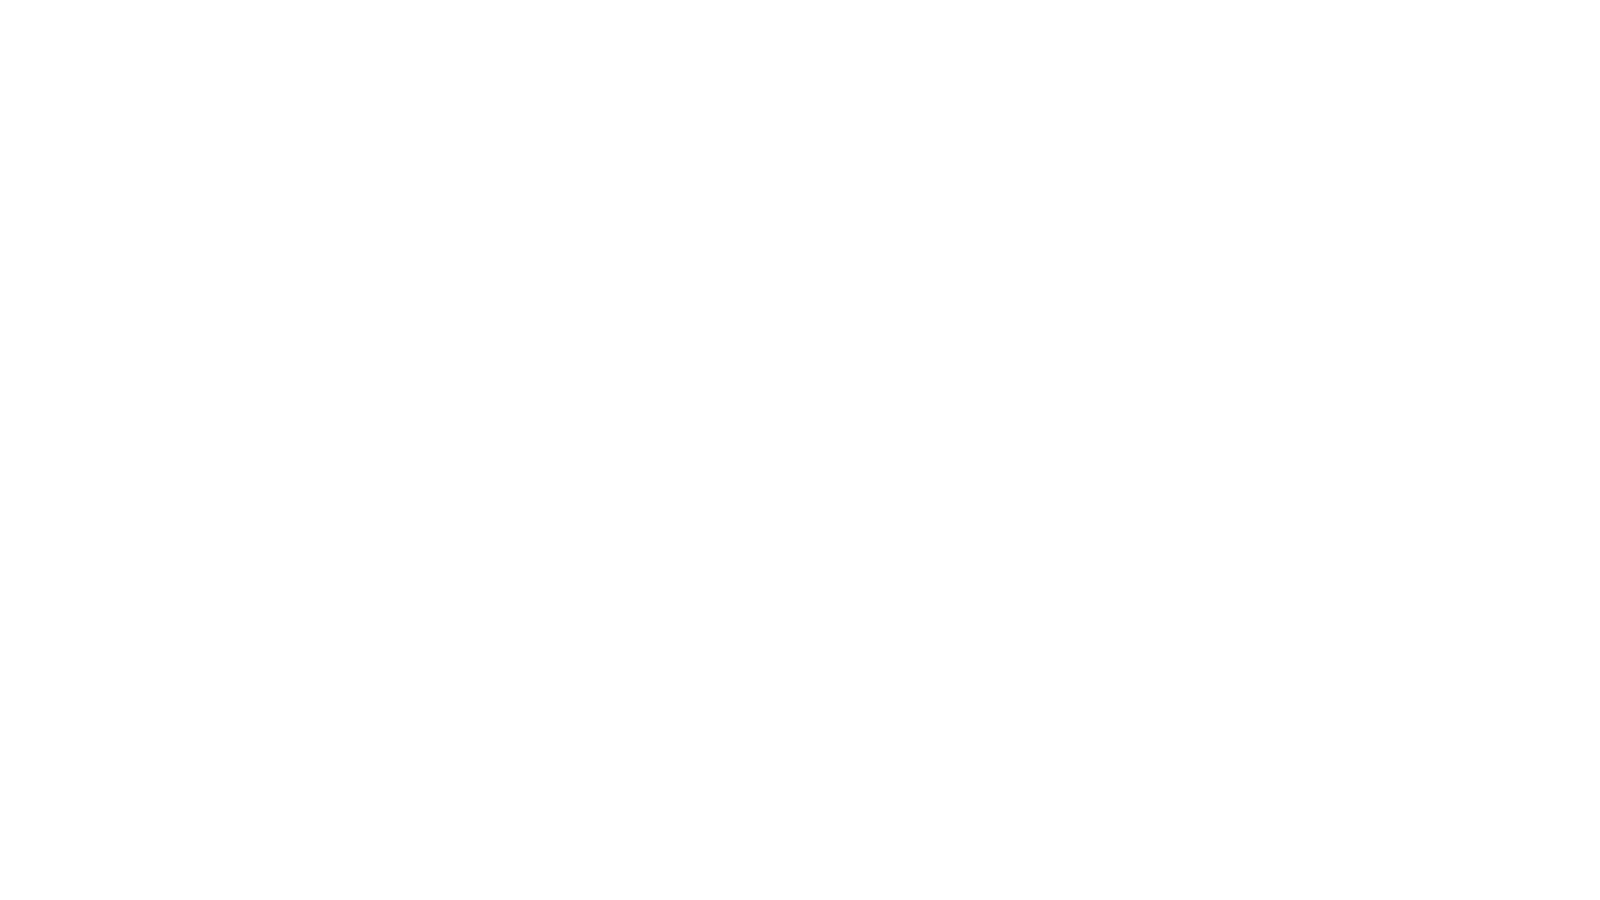 富士山の麓にある、御殿場市商工会工業部会の会員事業所のPR動画です。 株式会社フジ・テクノロジー 株式会社勝又製麺